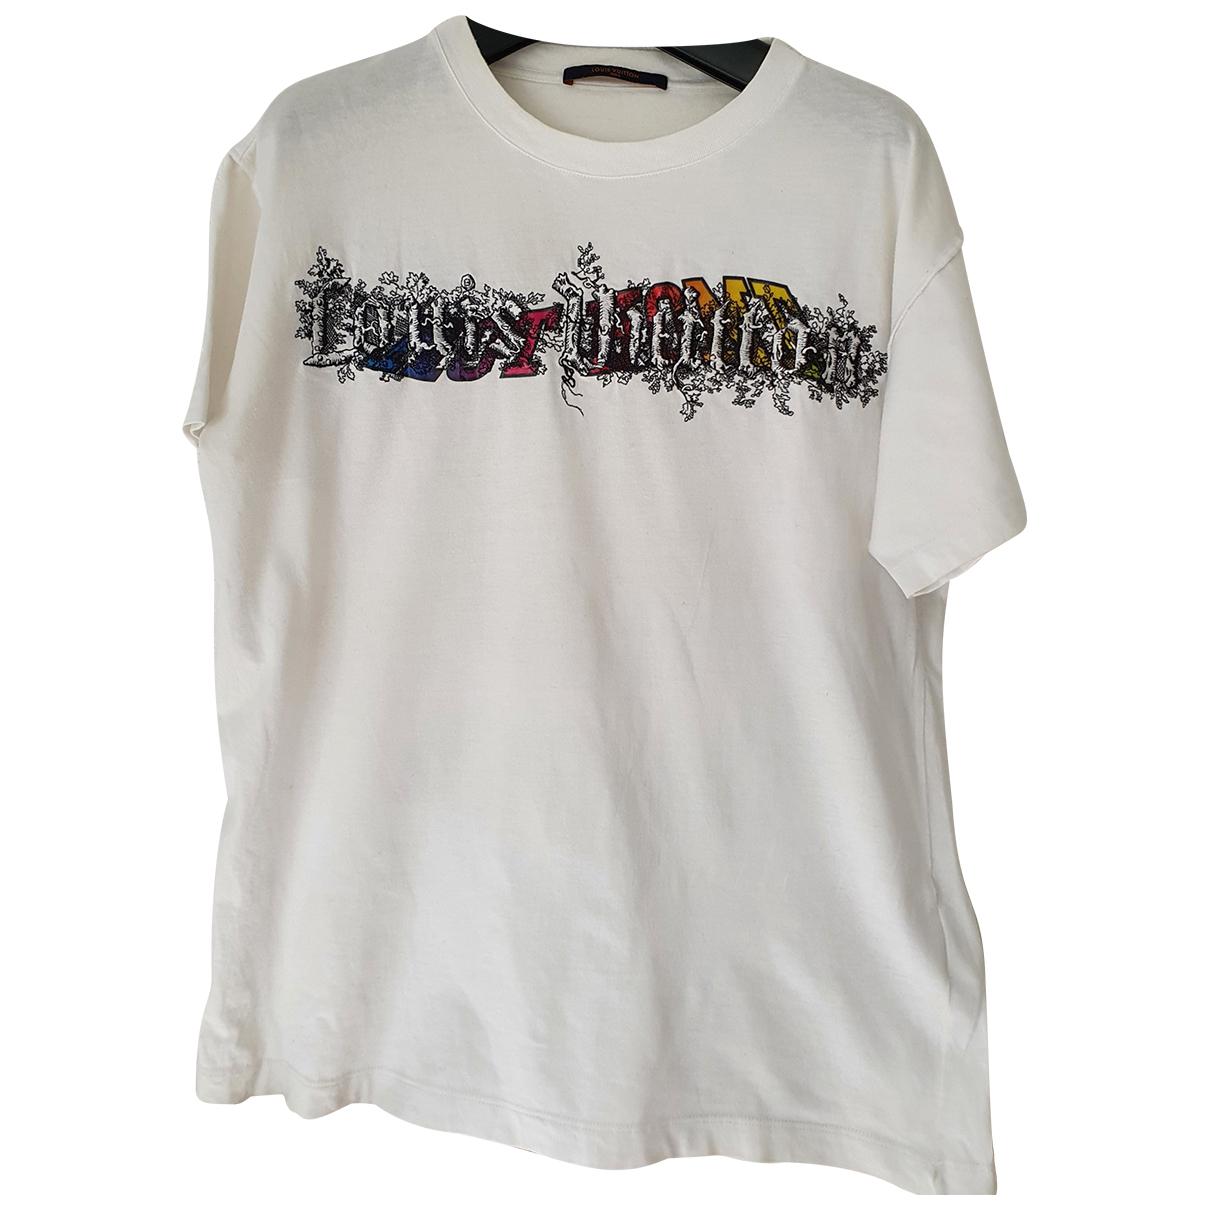 Louis Vuitton - Tee shirts   pour homme en coton - blanc